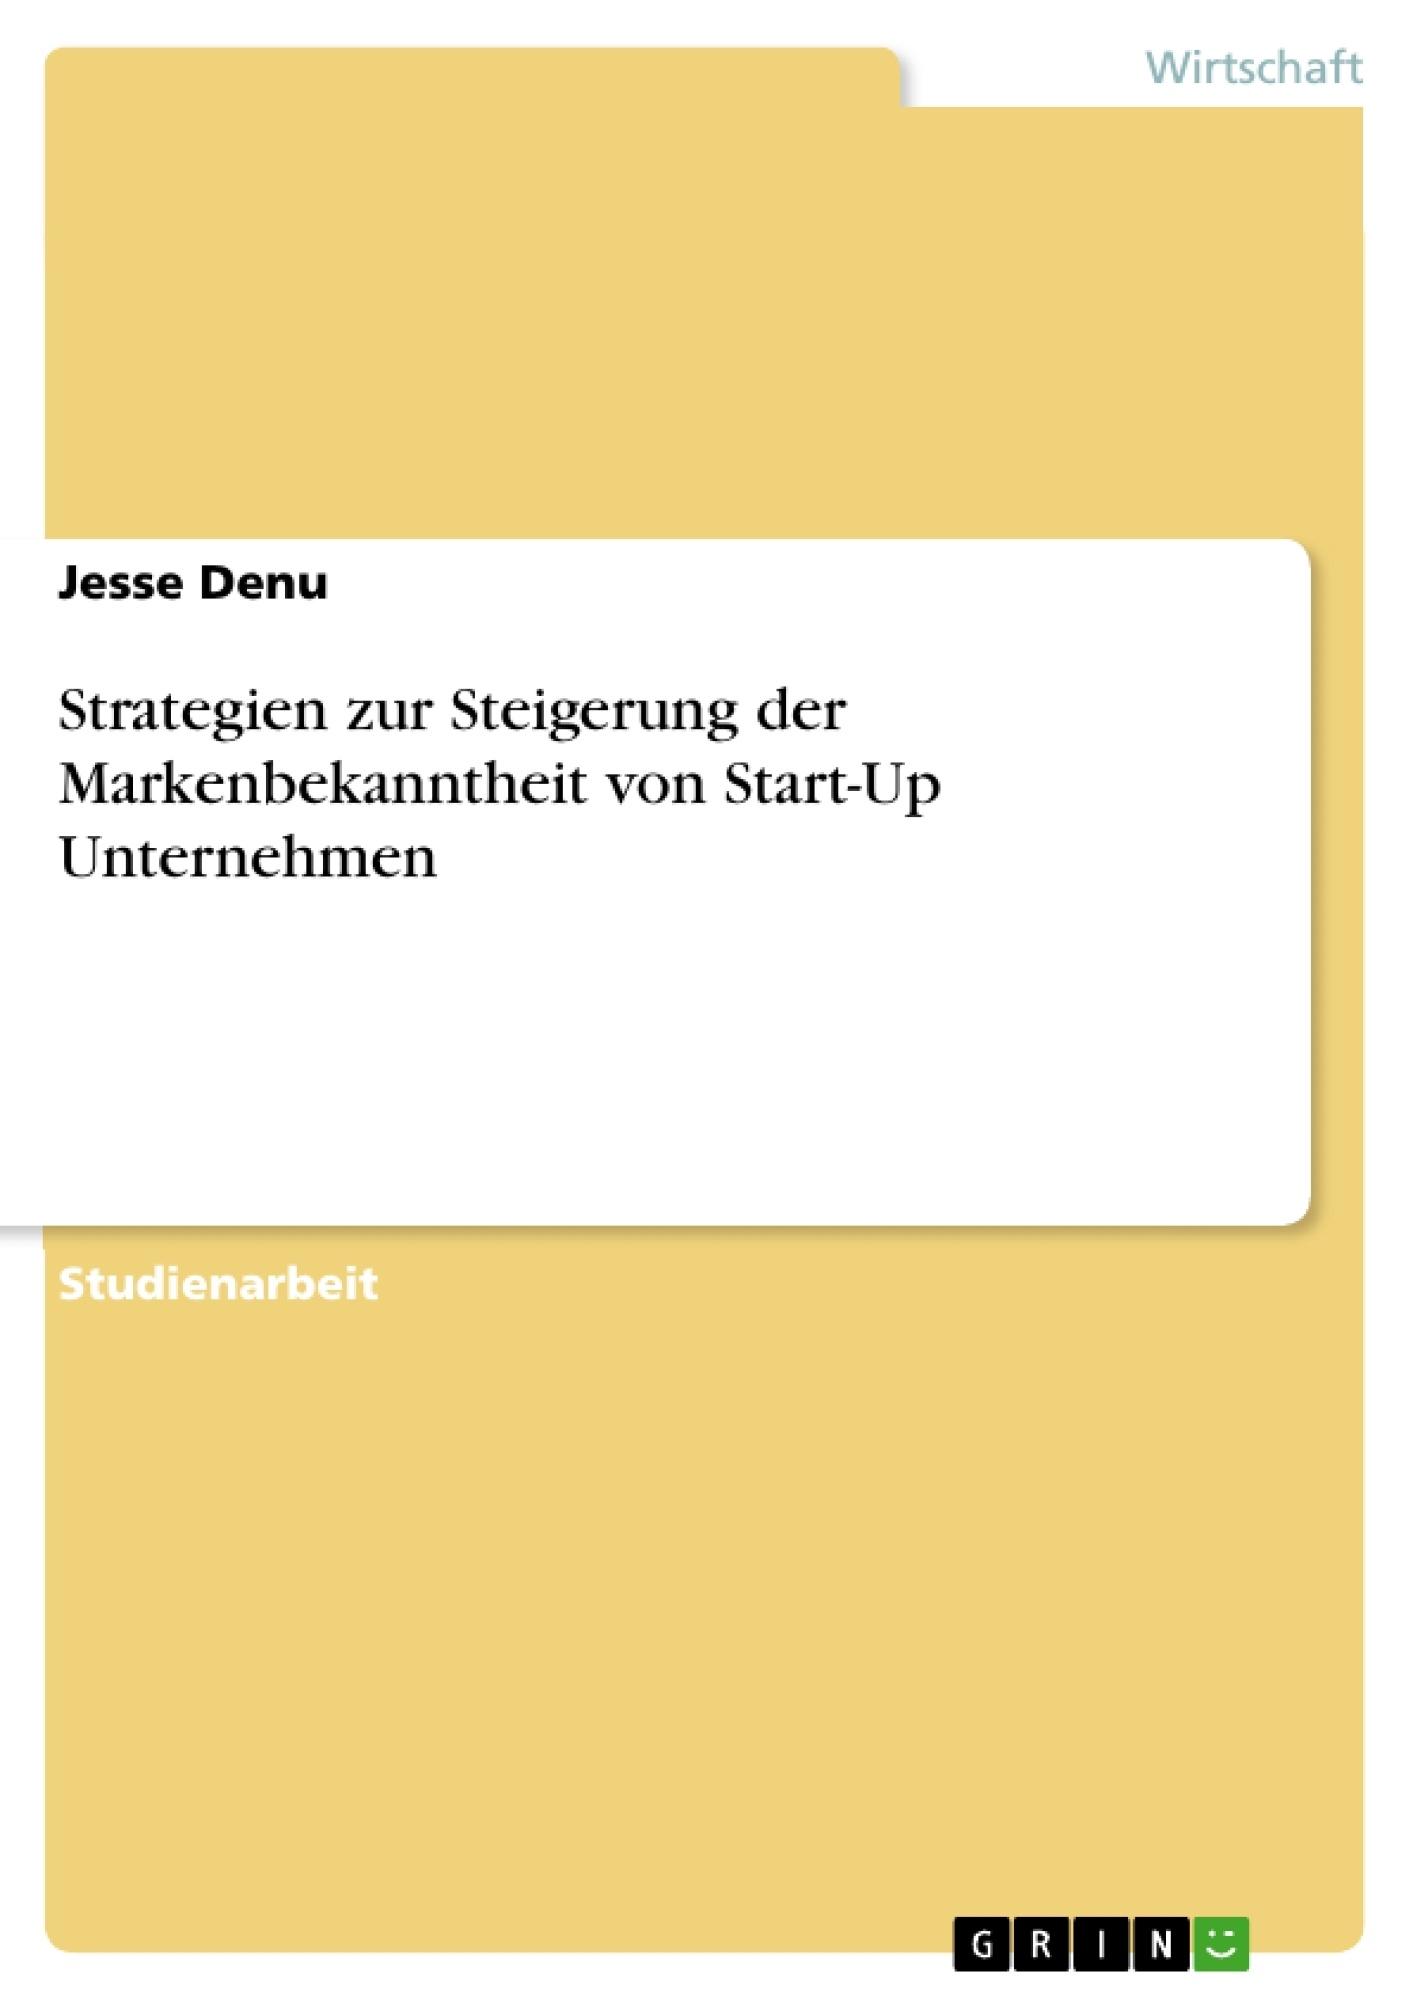 Titel: Strategien zur Steigerung der Markenbekanntheit von Start-Up Unternehmen